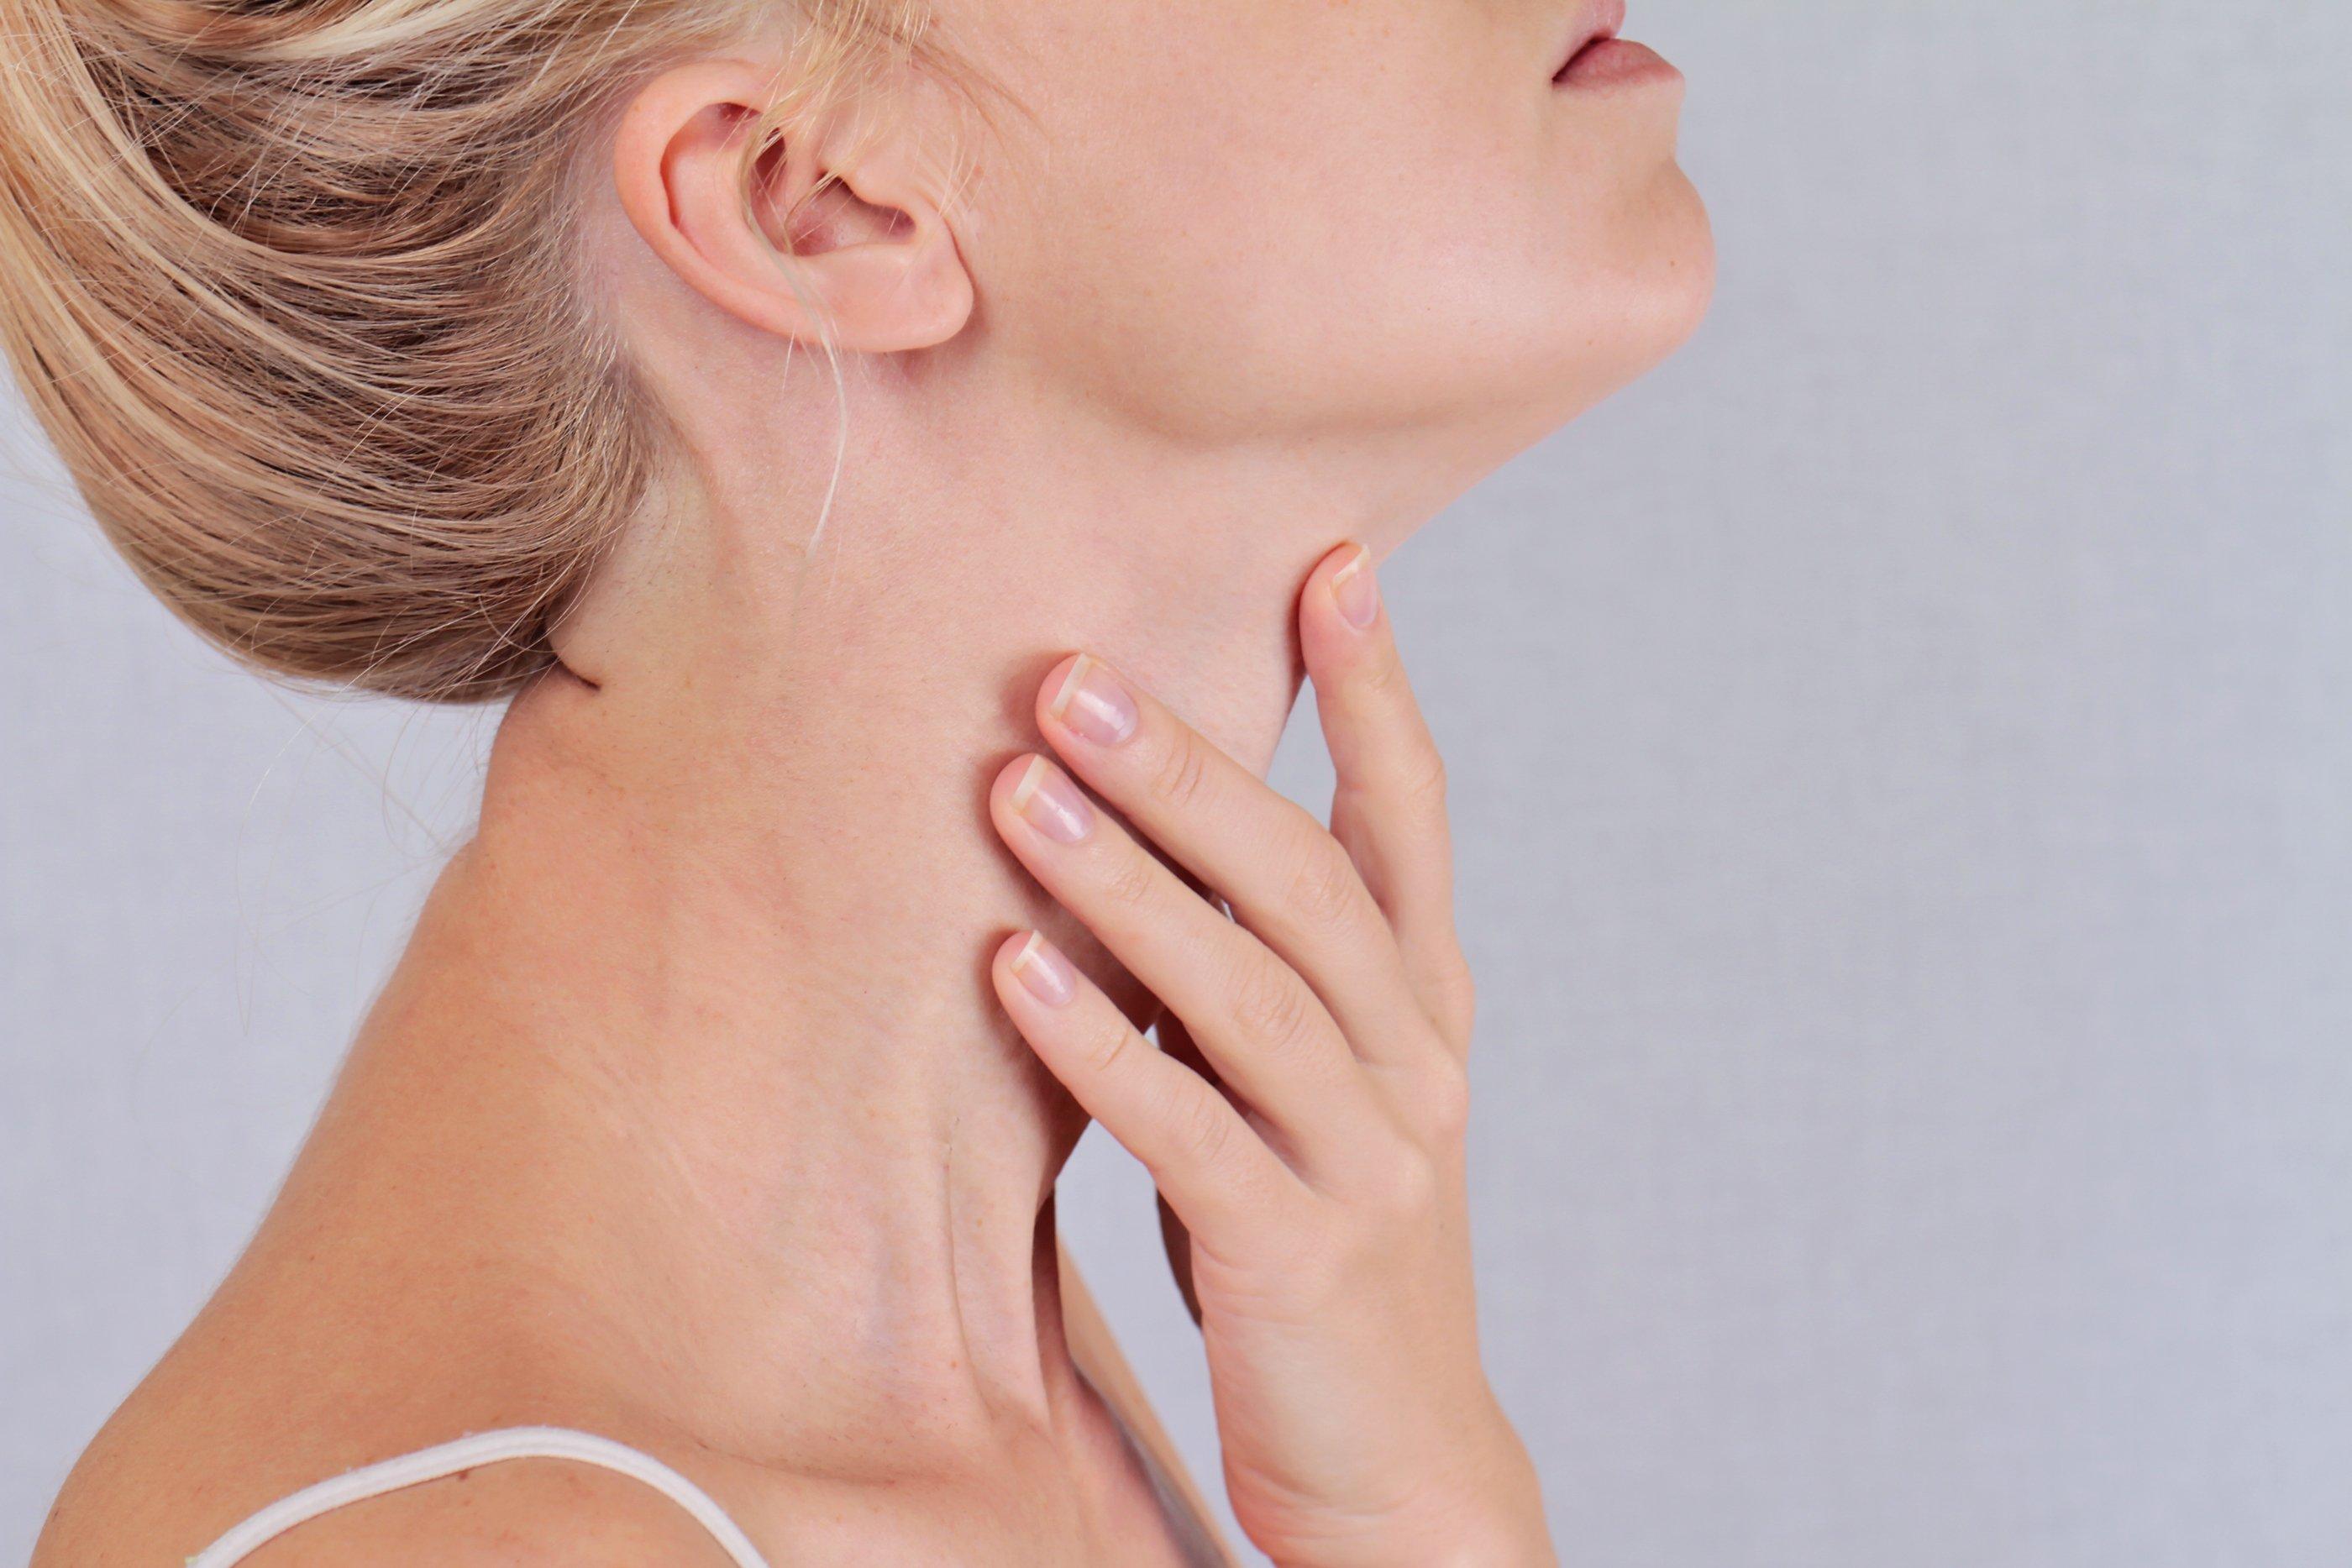 Повод для визита к врачу при болях в региональных лимфоузлах щитовидной железы